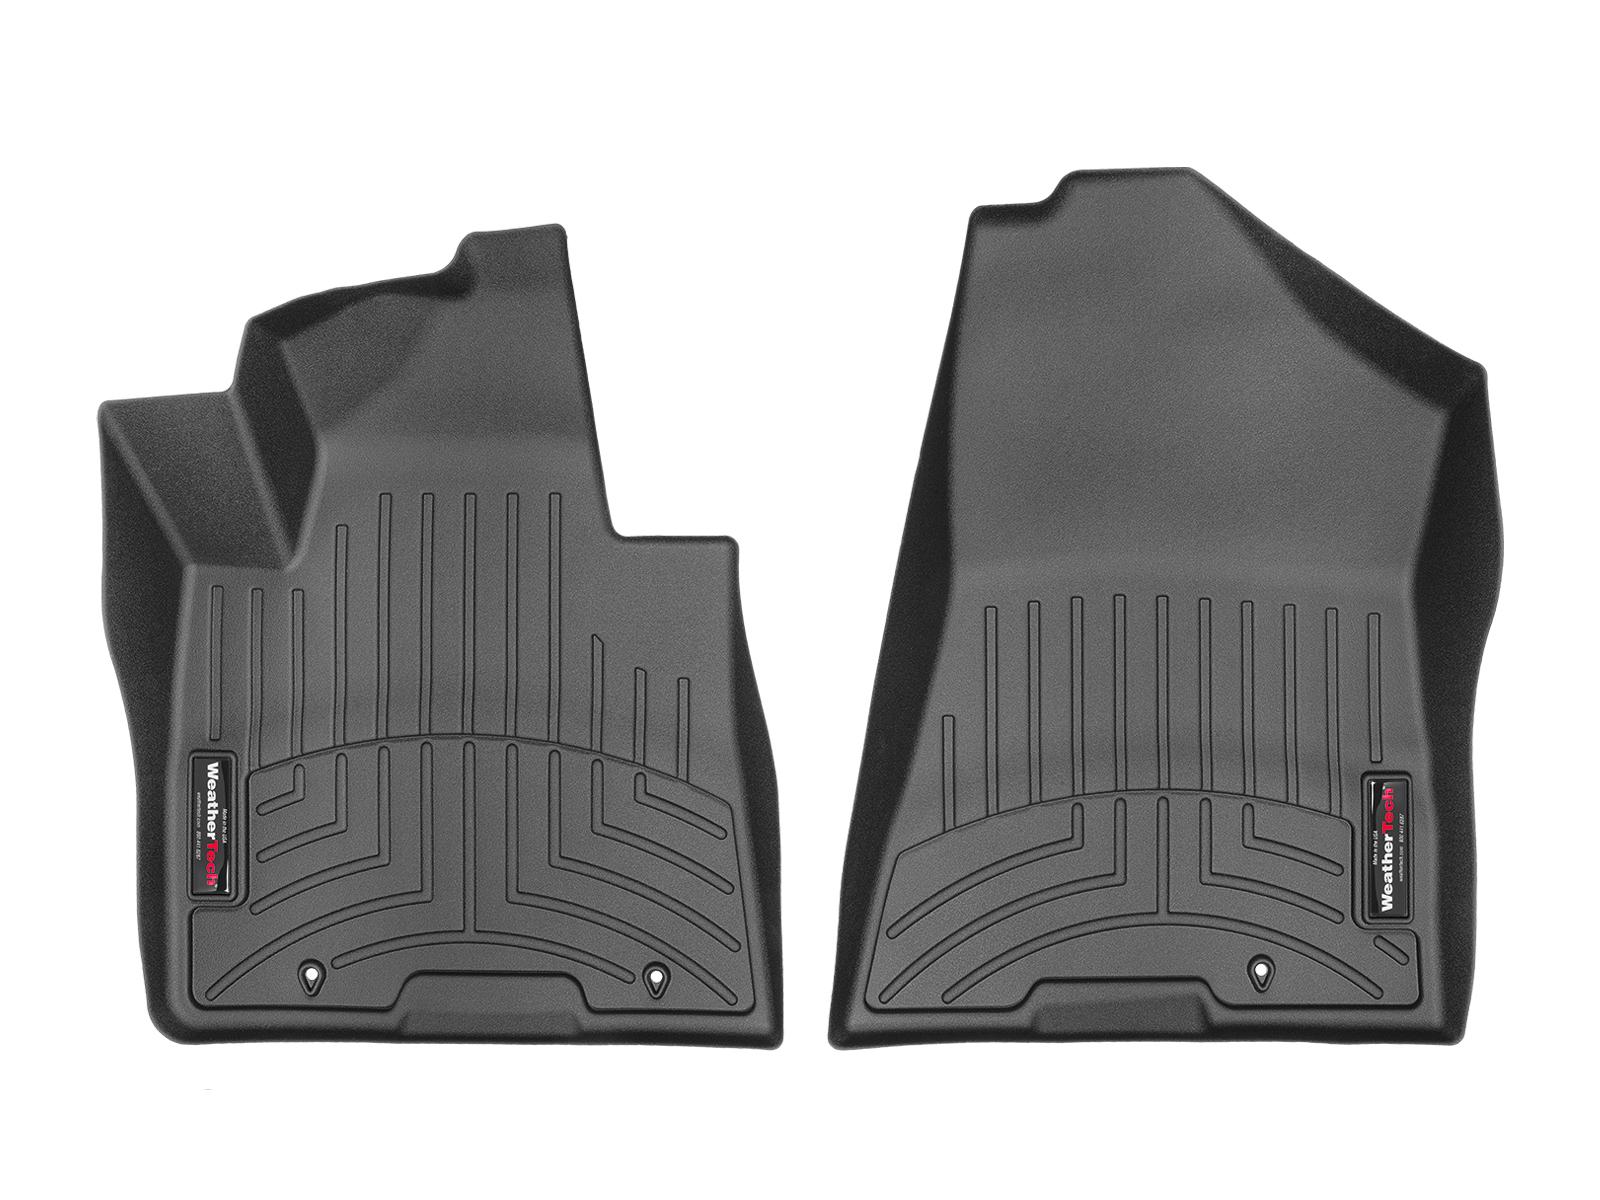 Tappeti gomma su misura bordo alto Hyundai Tucson 15>17 Nero A1502